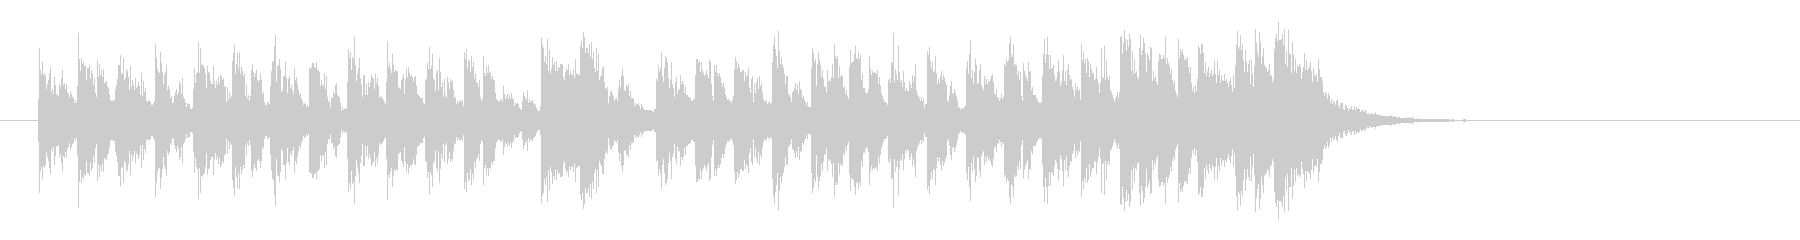 愛らしいコミカル調BGM(イントロ)の未再生の波形